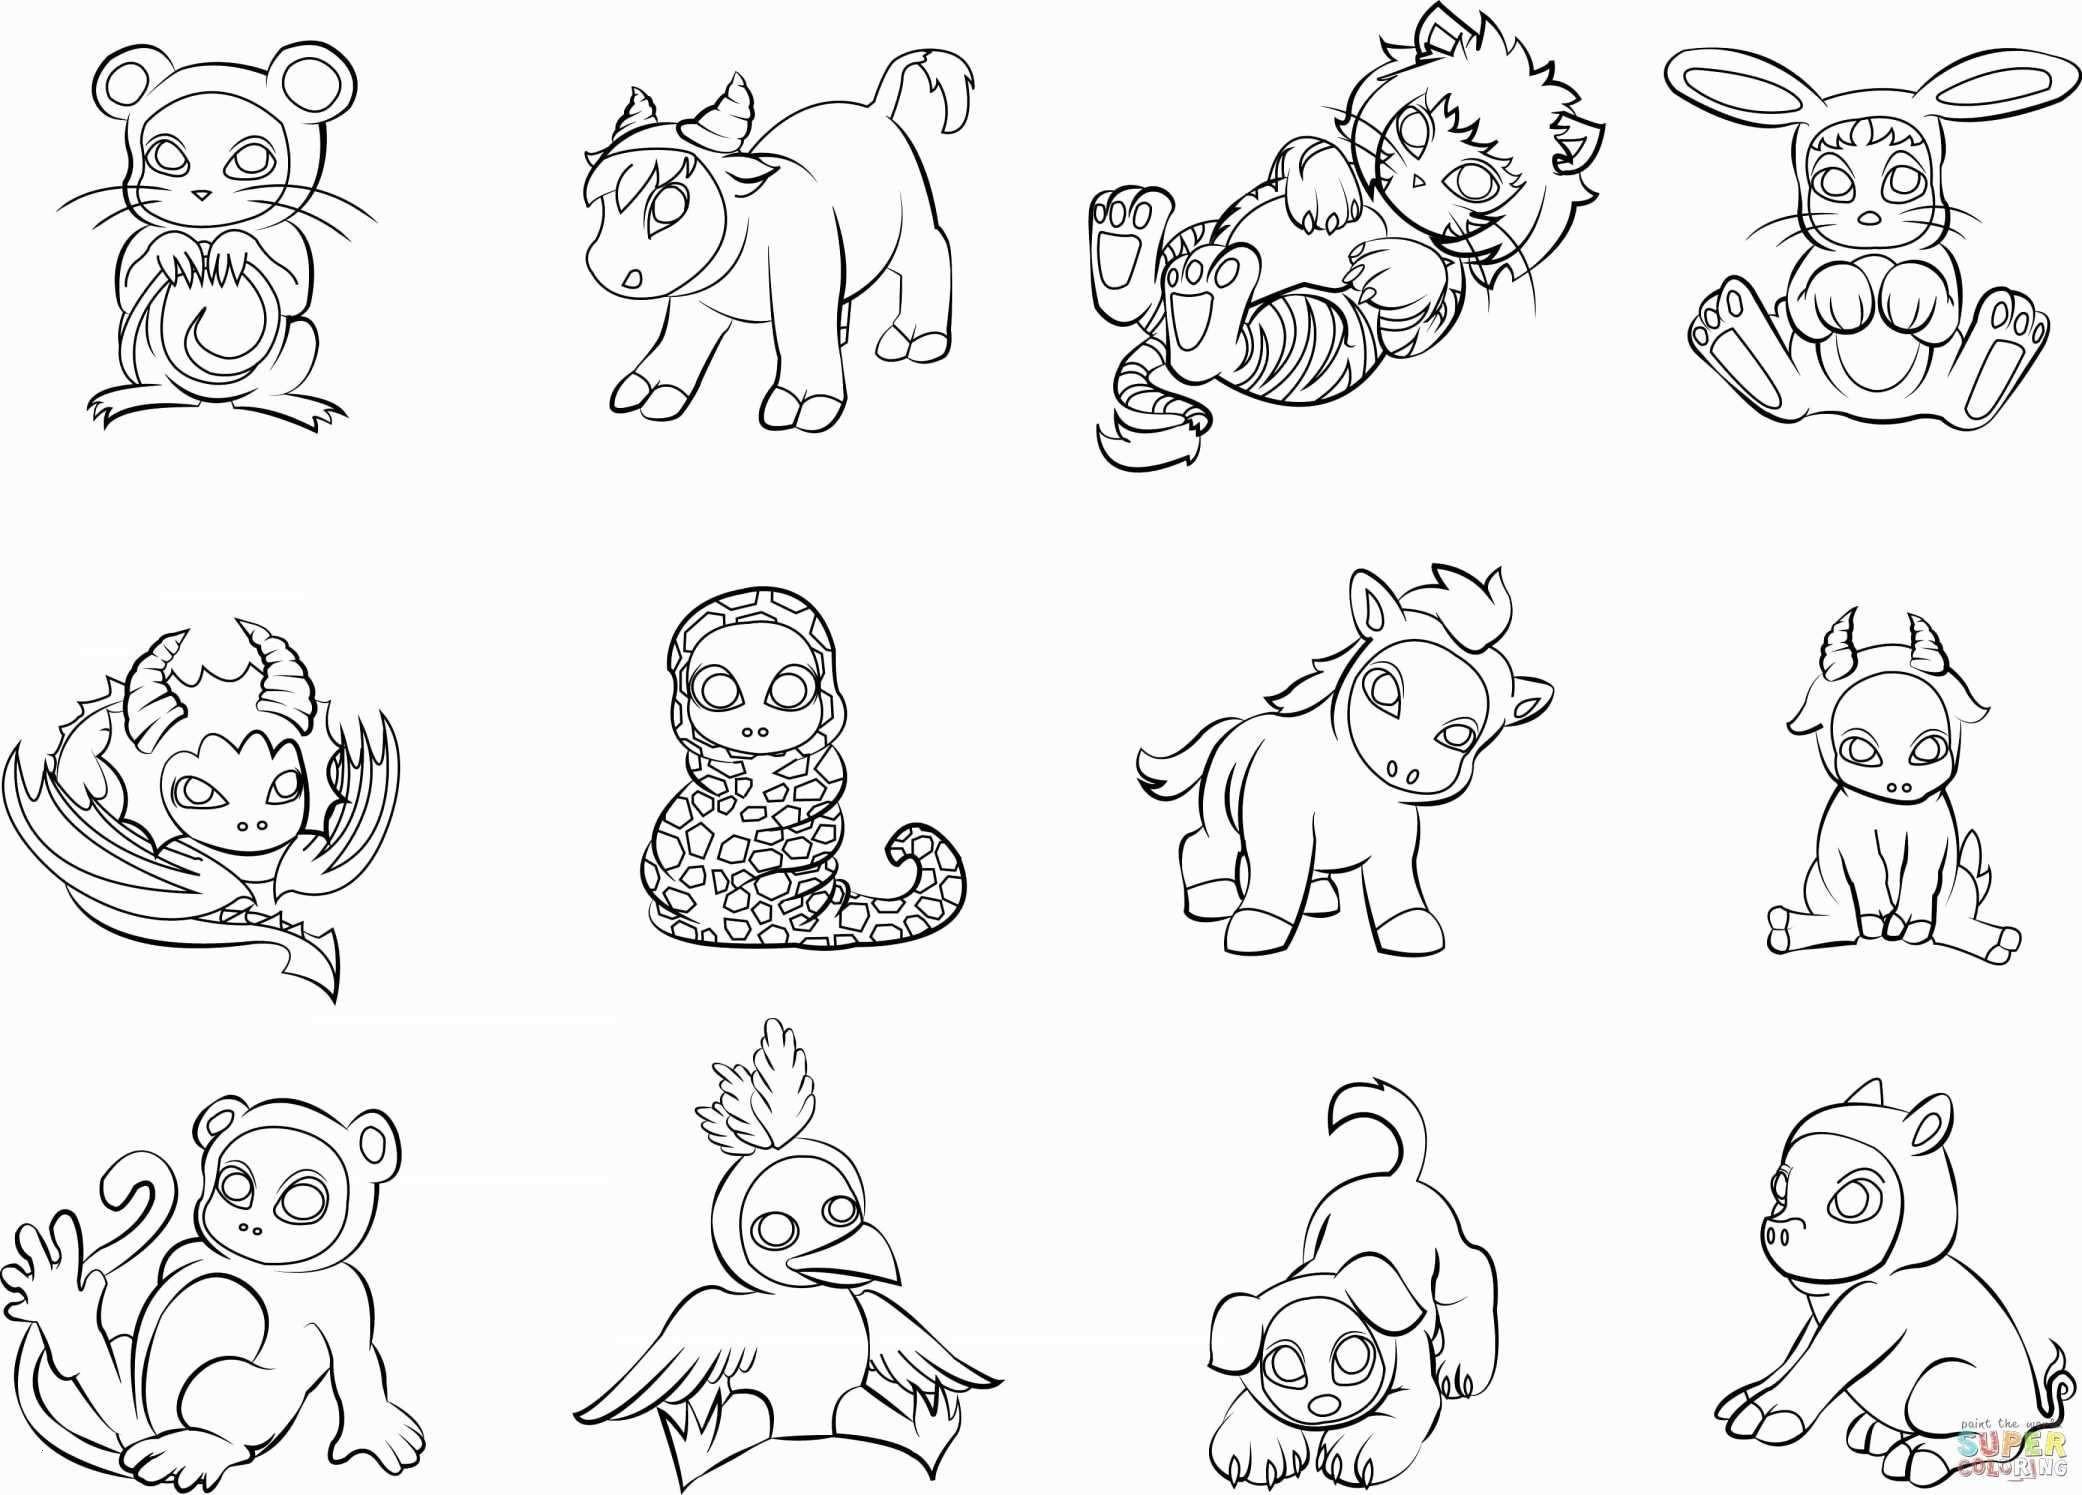 Ausmalbilder Winnie Pooh Das Beste Von Winnie Pooh Malvorlagen Neu Ausmalbilder Winnie Puuh Elegant Das Bild